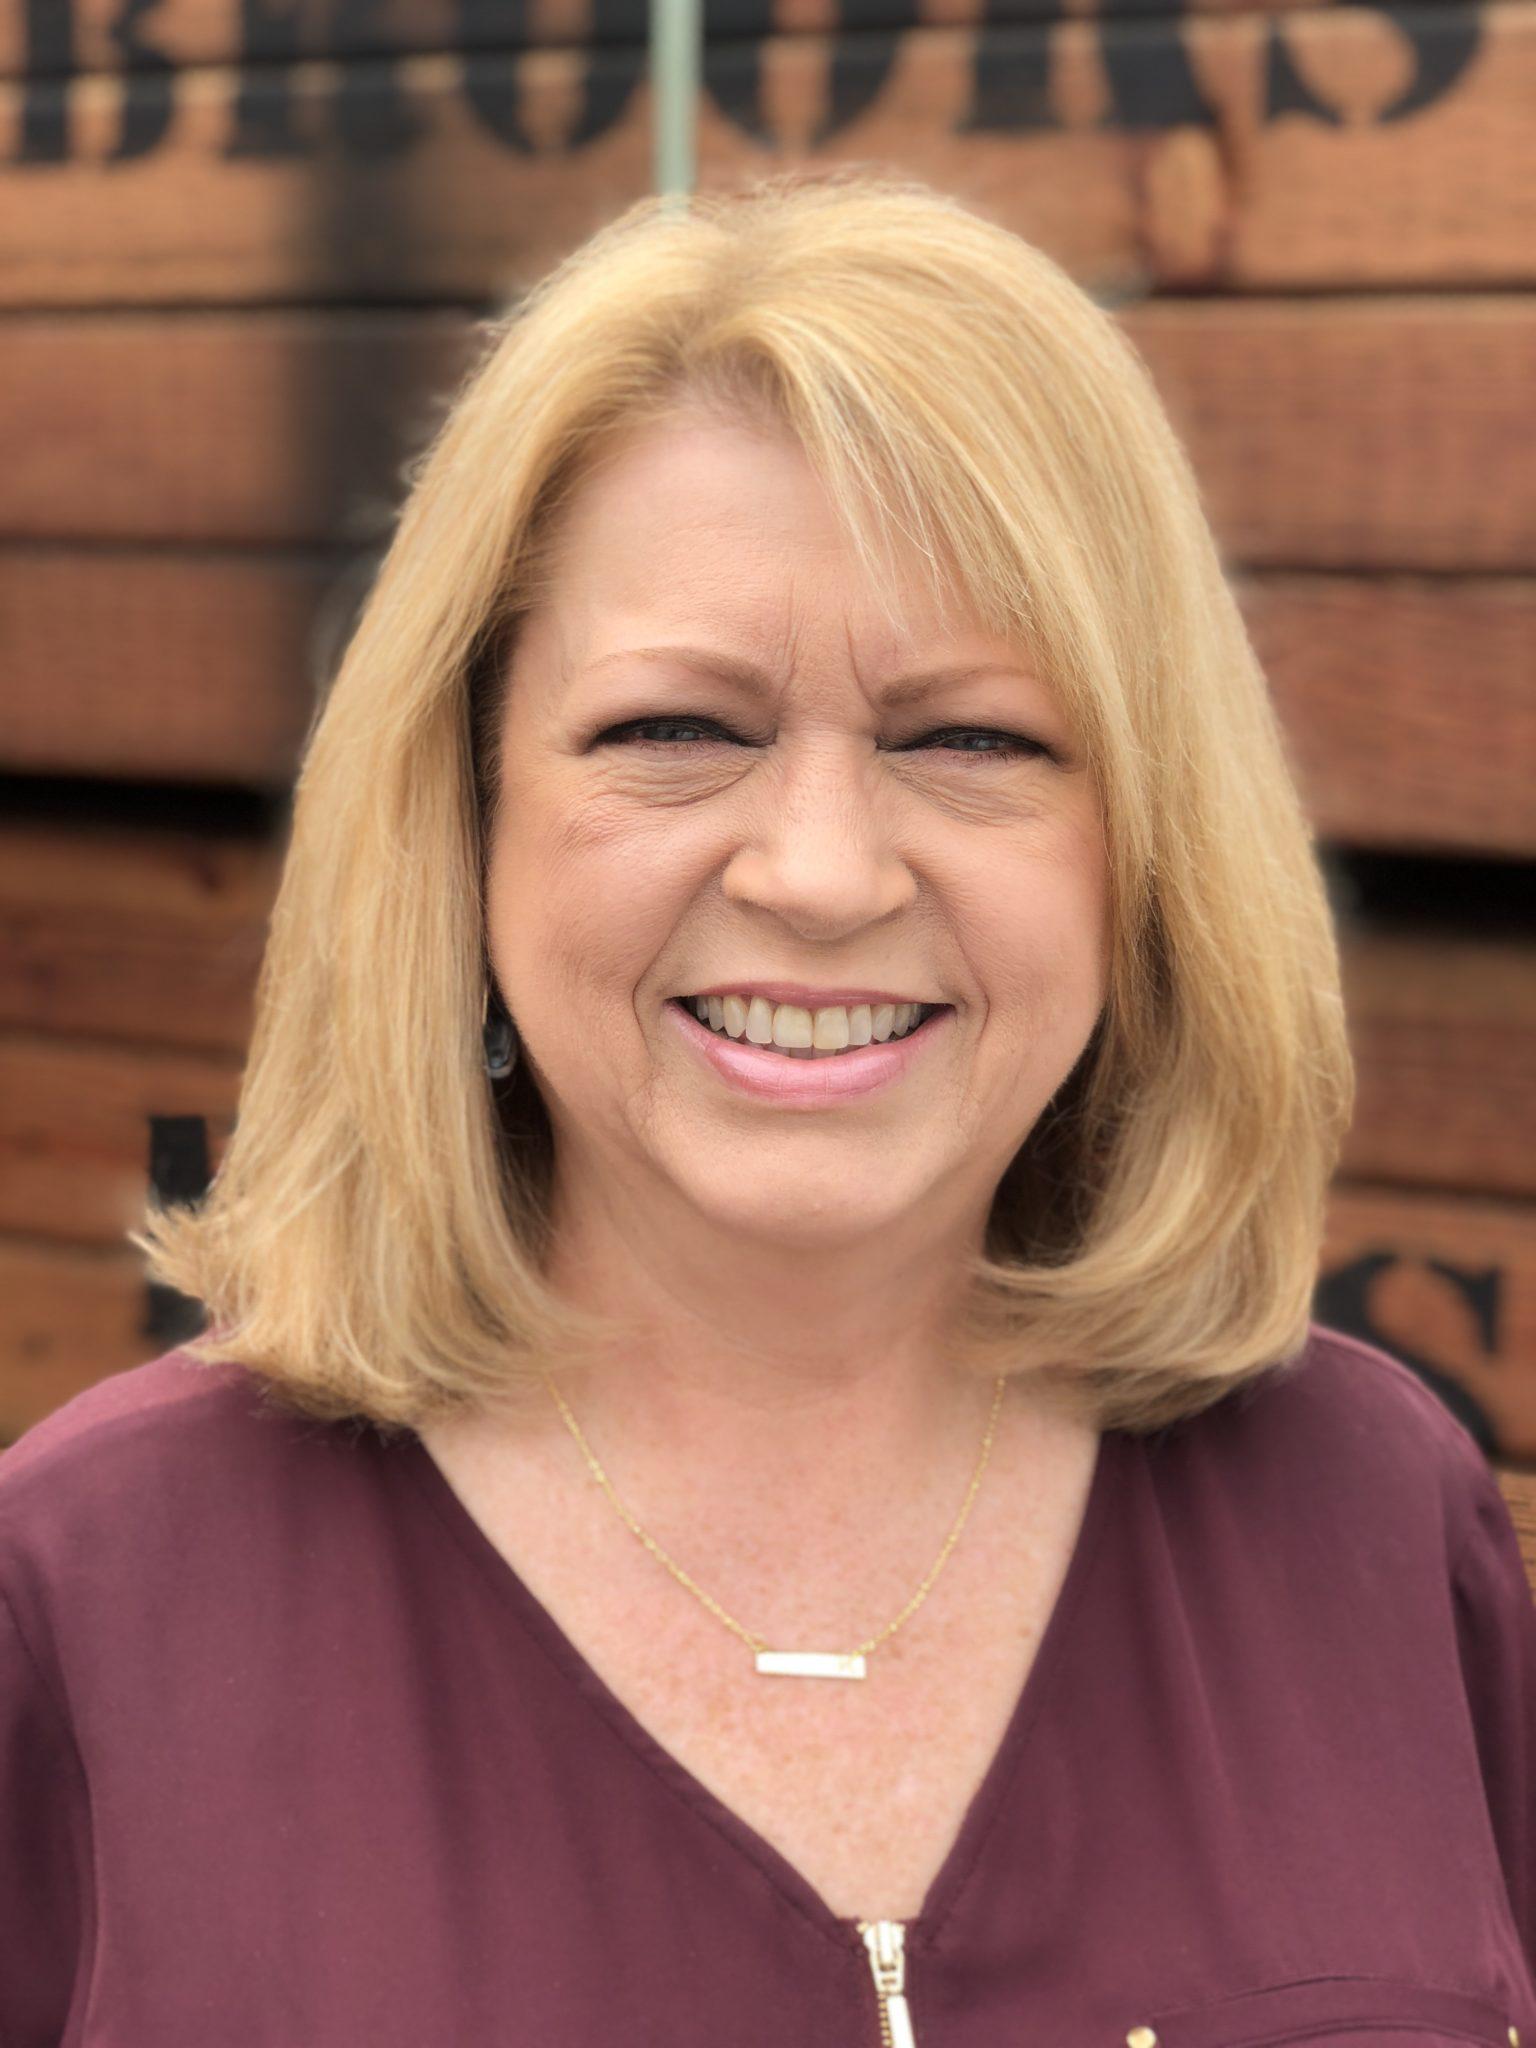 Karen Perrier